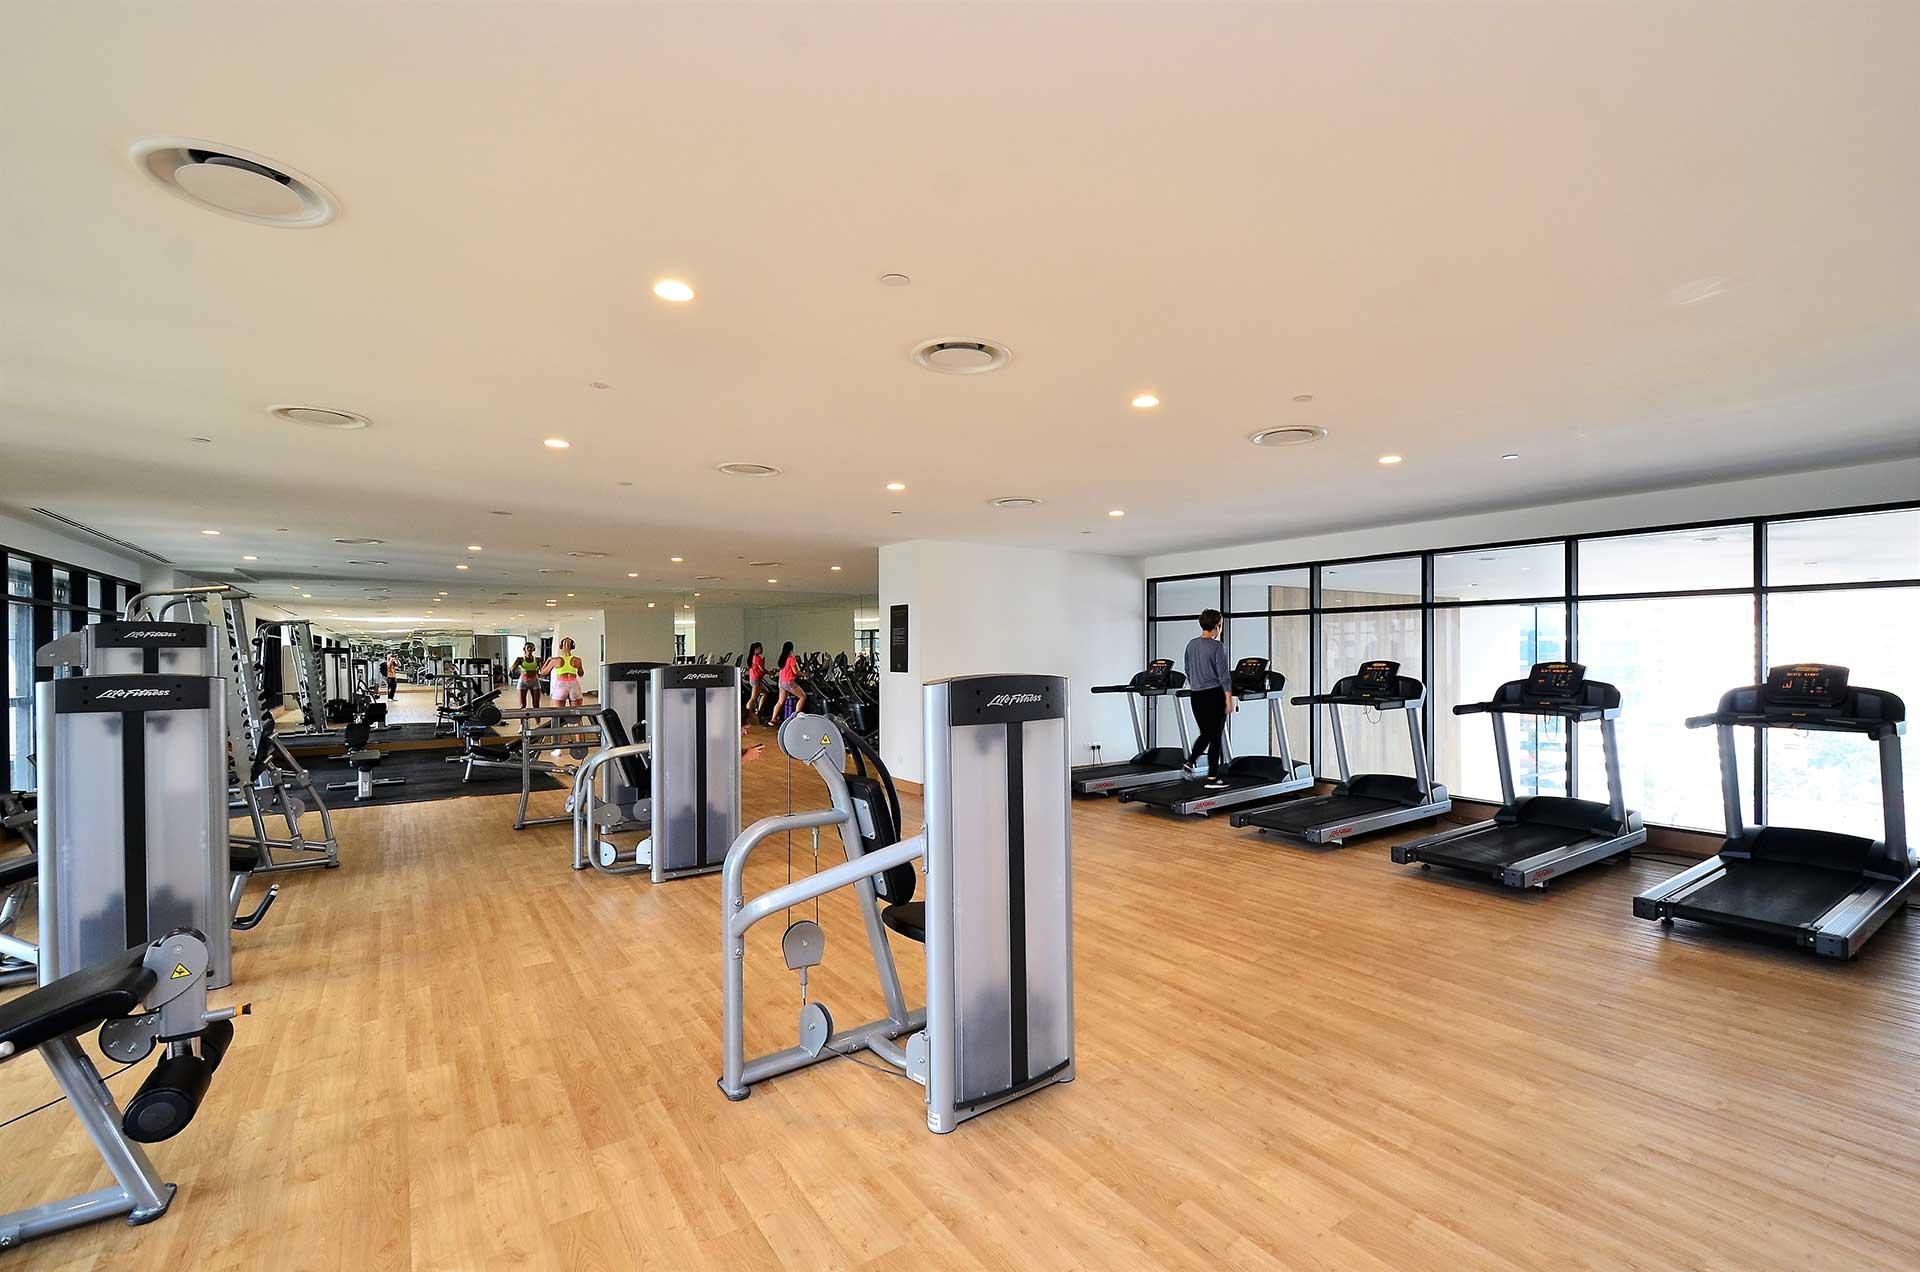 Kundenbindung in Fitnessstudios